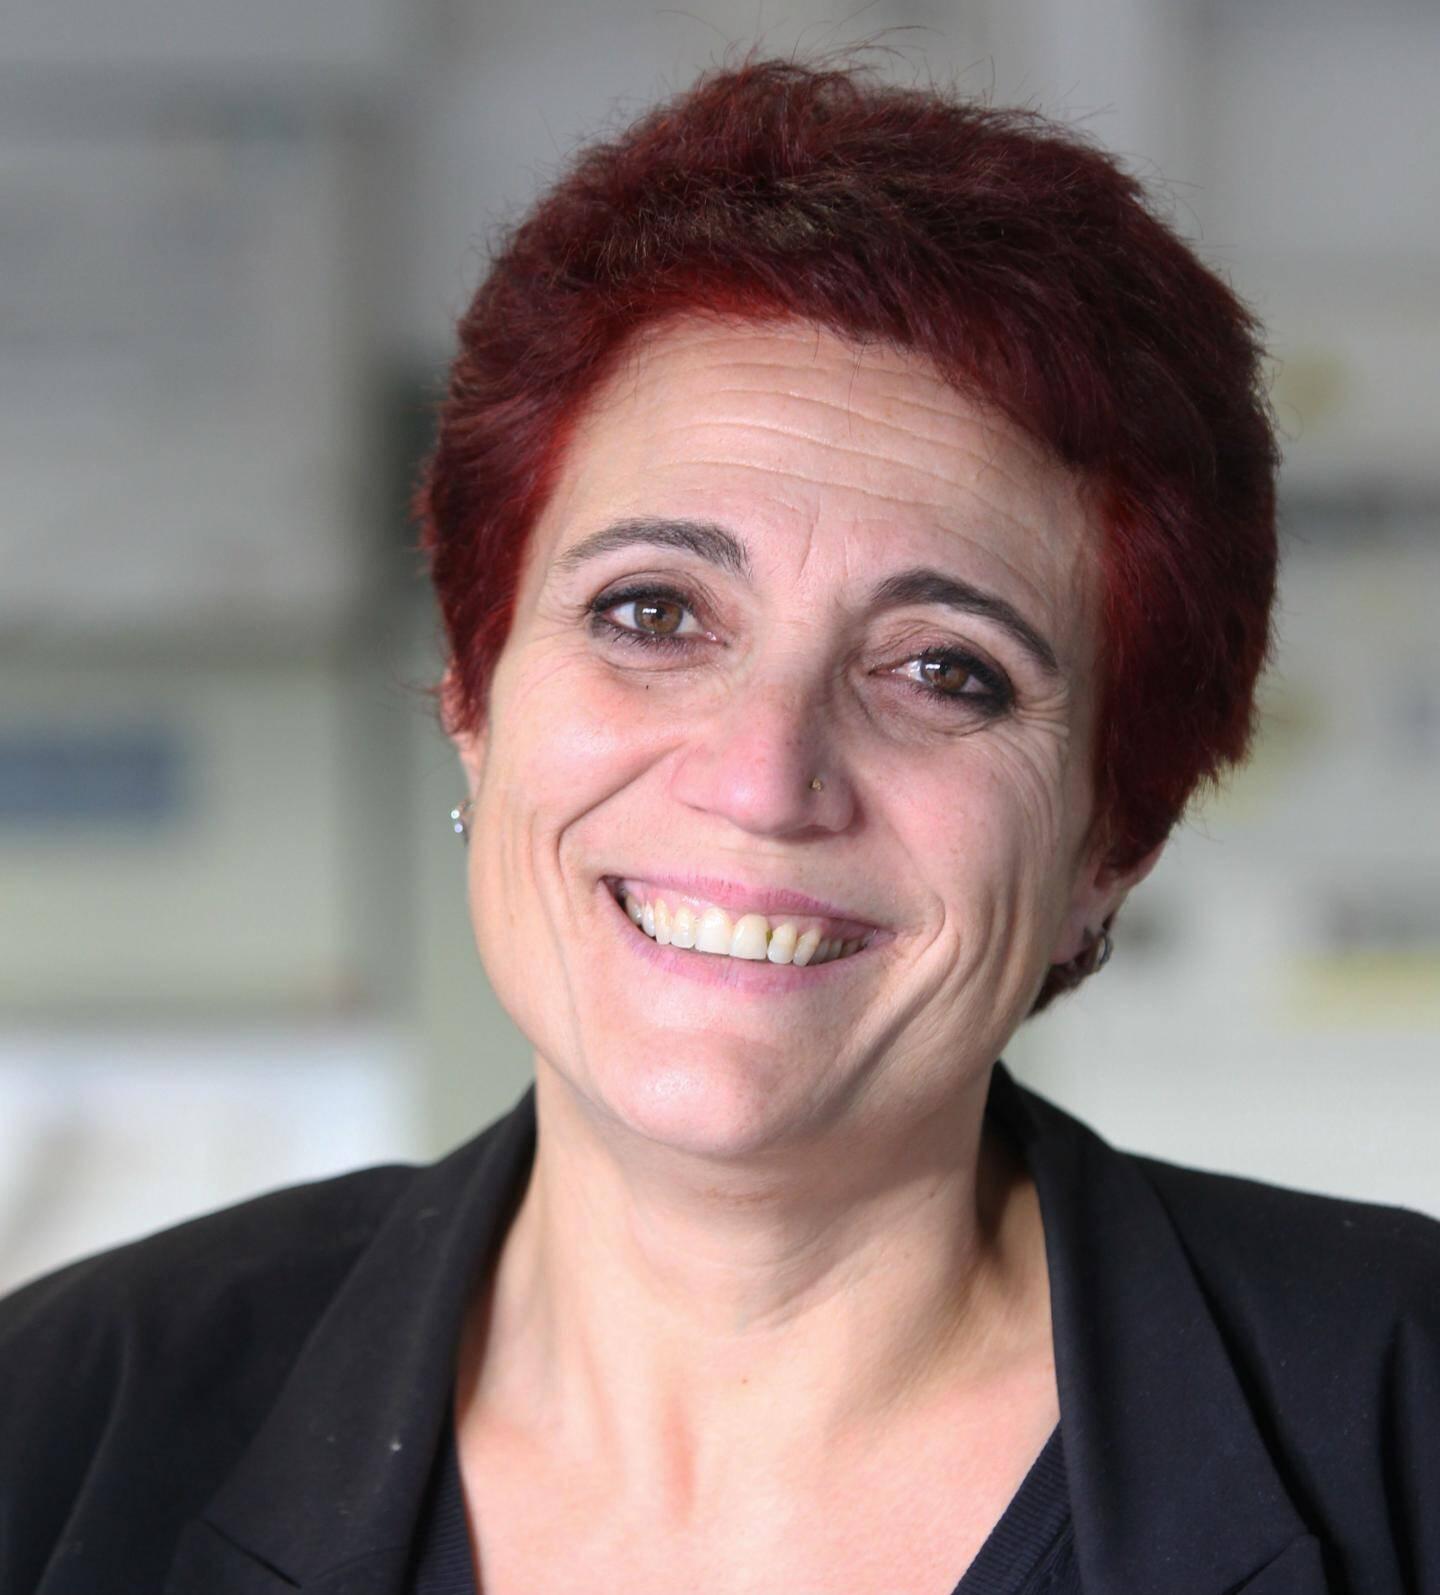 Amélia Nocentini, parent d'élèvesau Lycée horticoled'Antibes